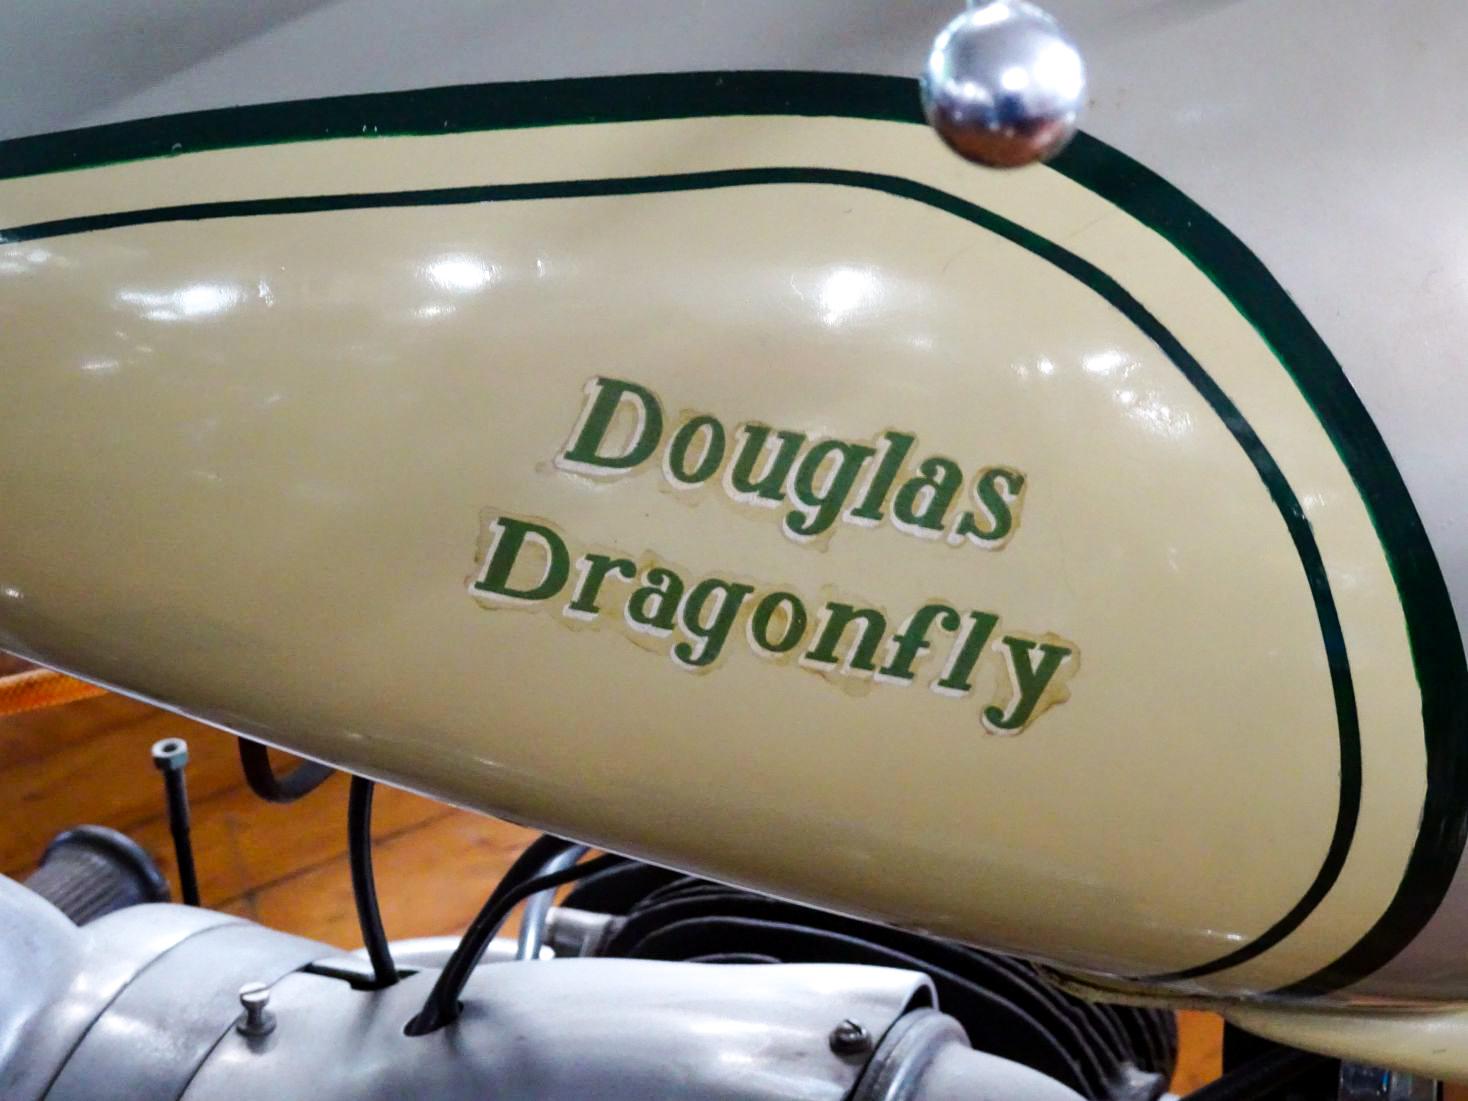 ダグラス ドラゴンフライ